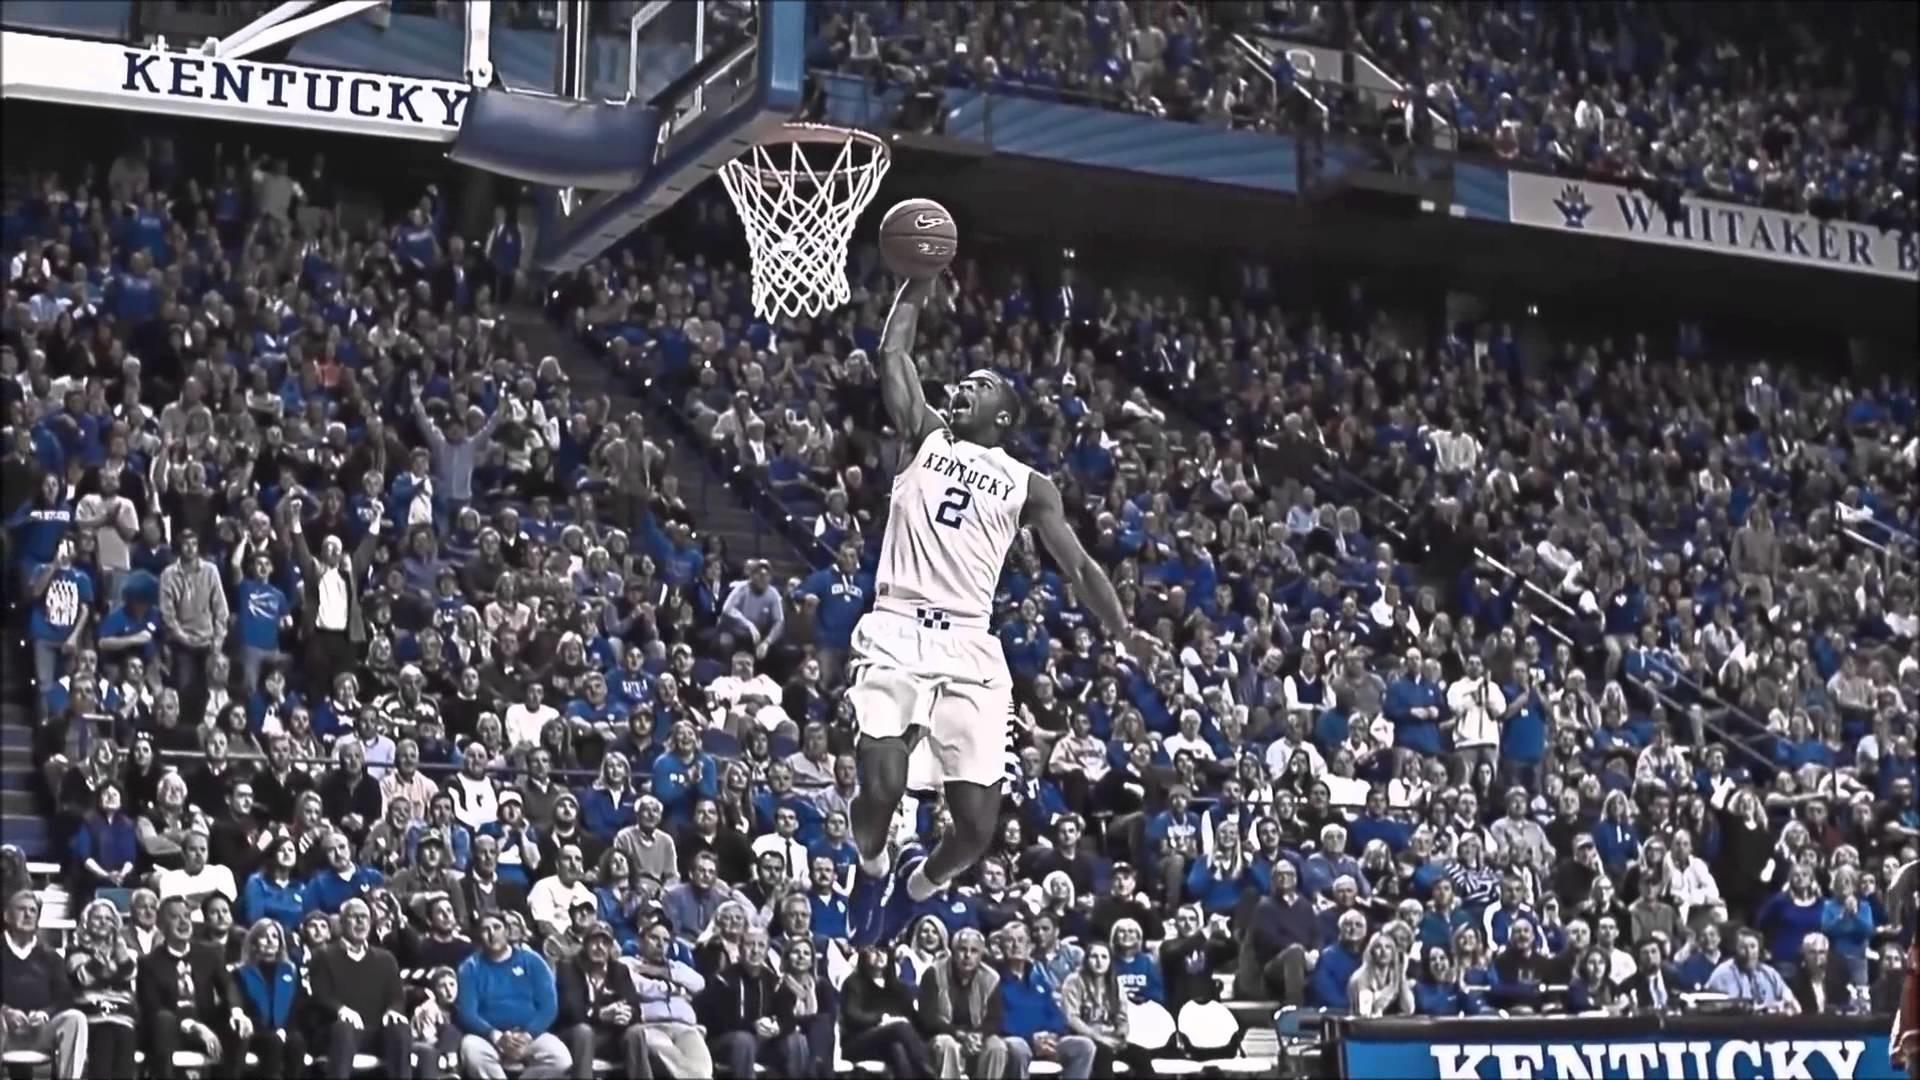 kentucky basketball wallpaper HD